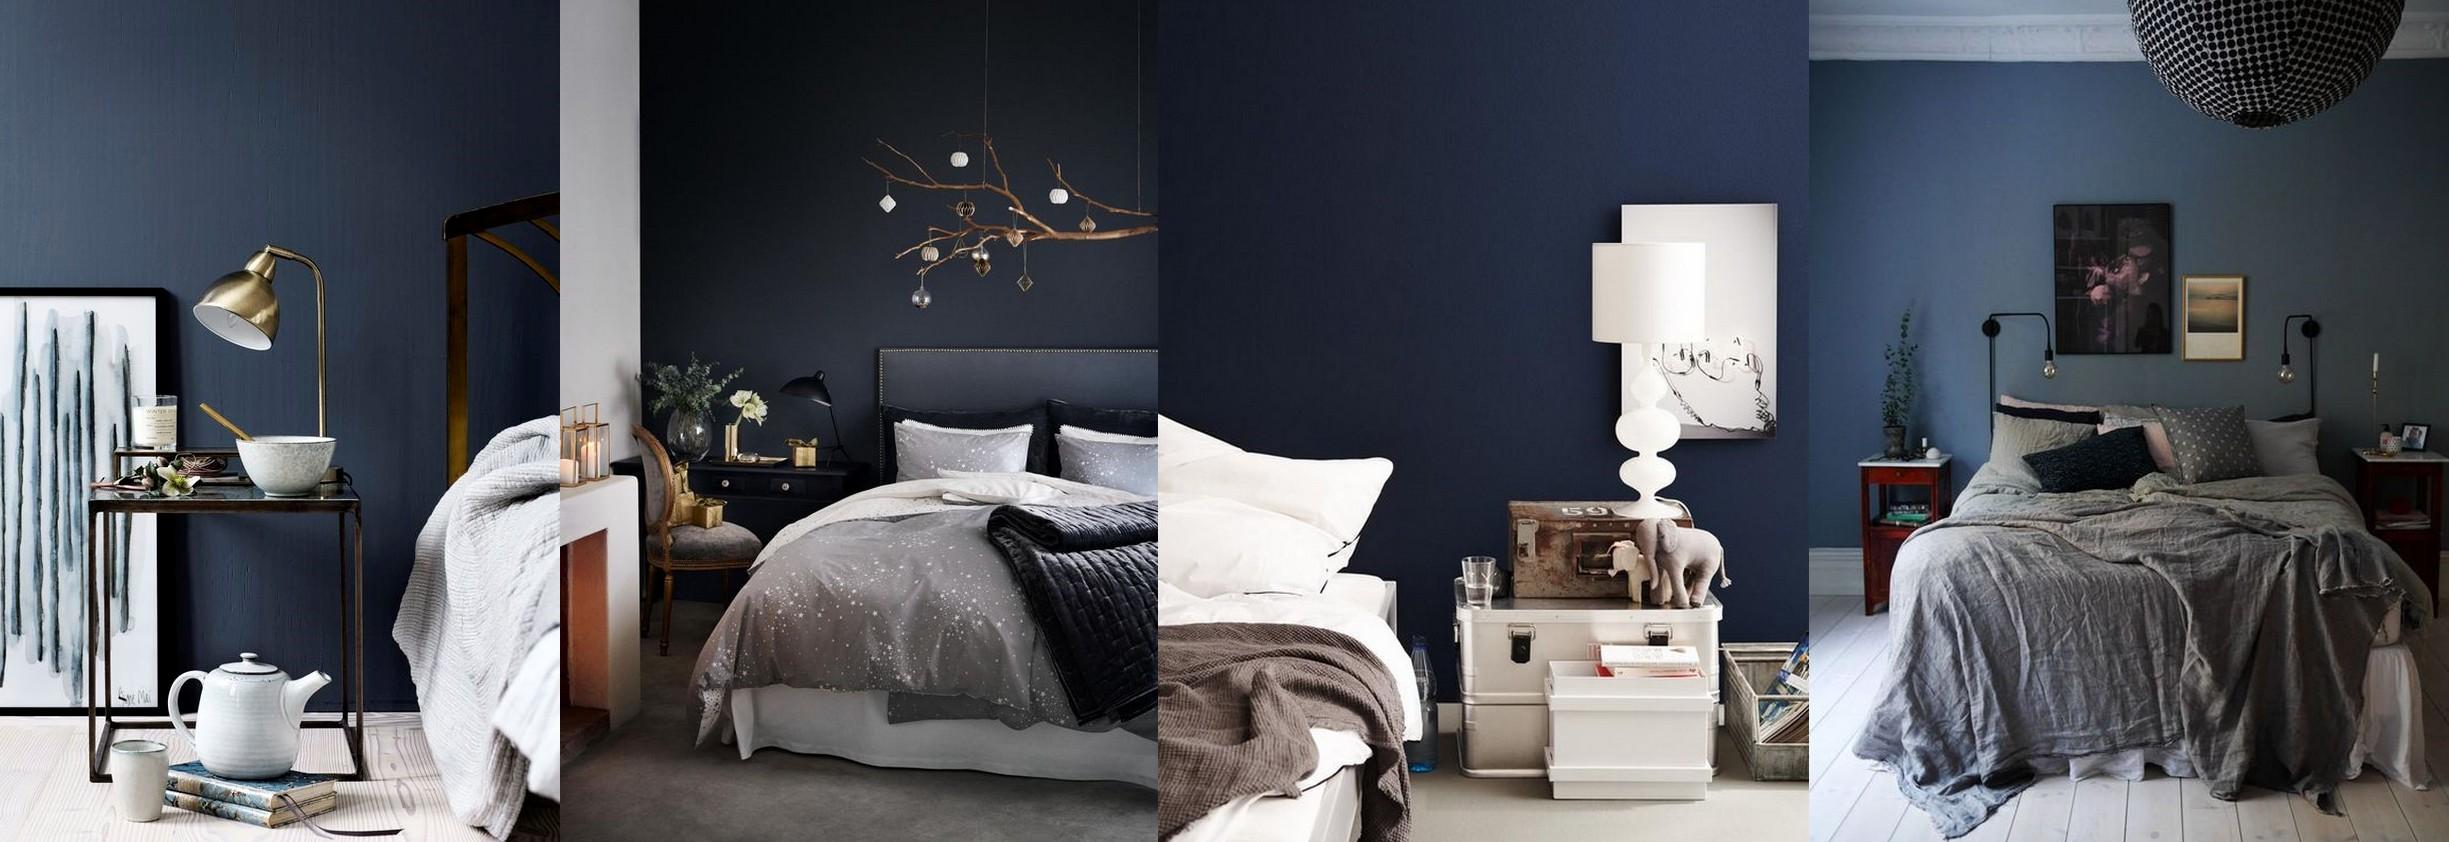 Bleu intense [Chambre].jpg